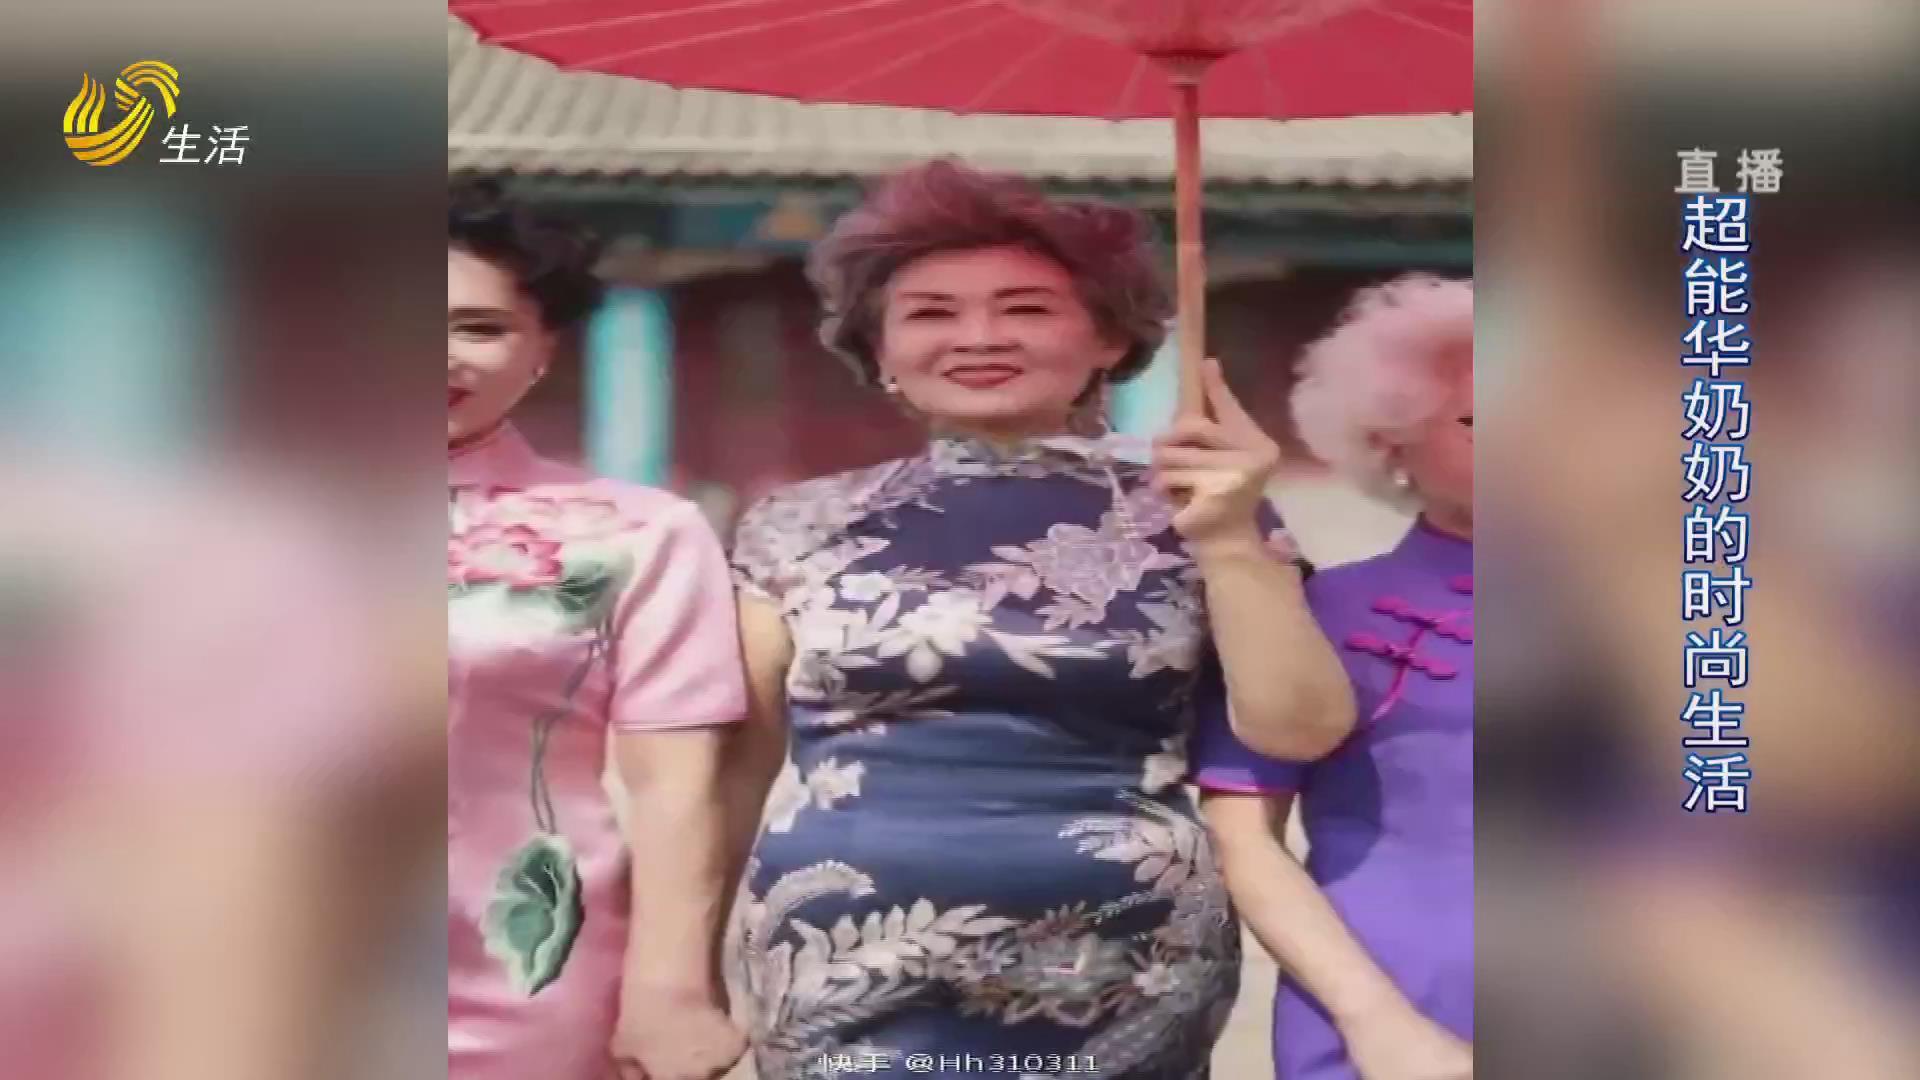 超能华奶奶的时尚生活